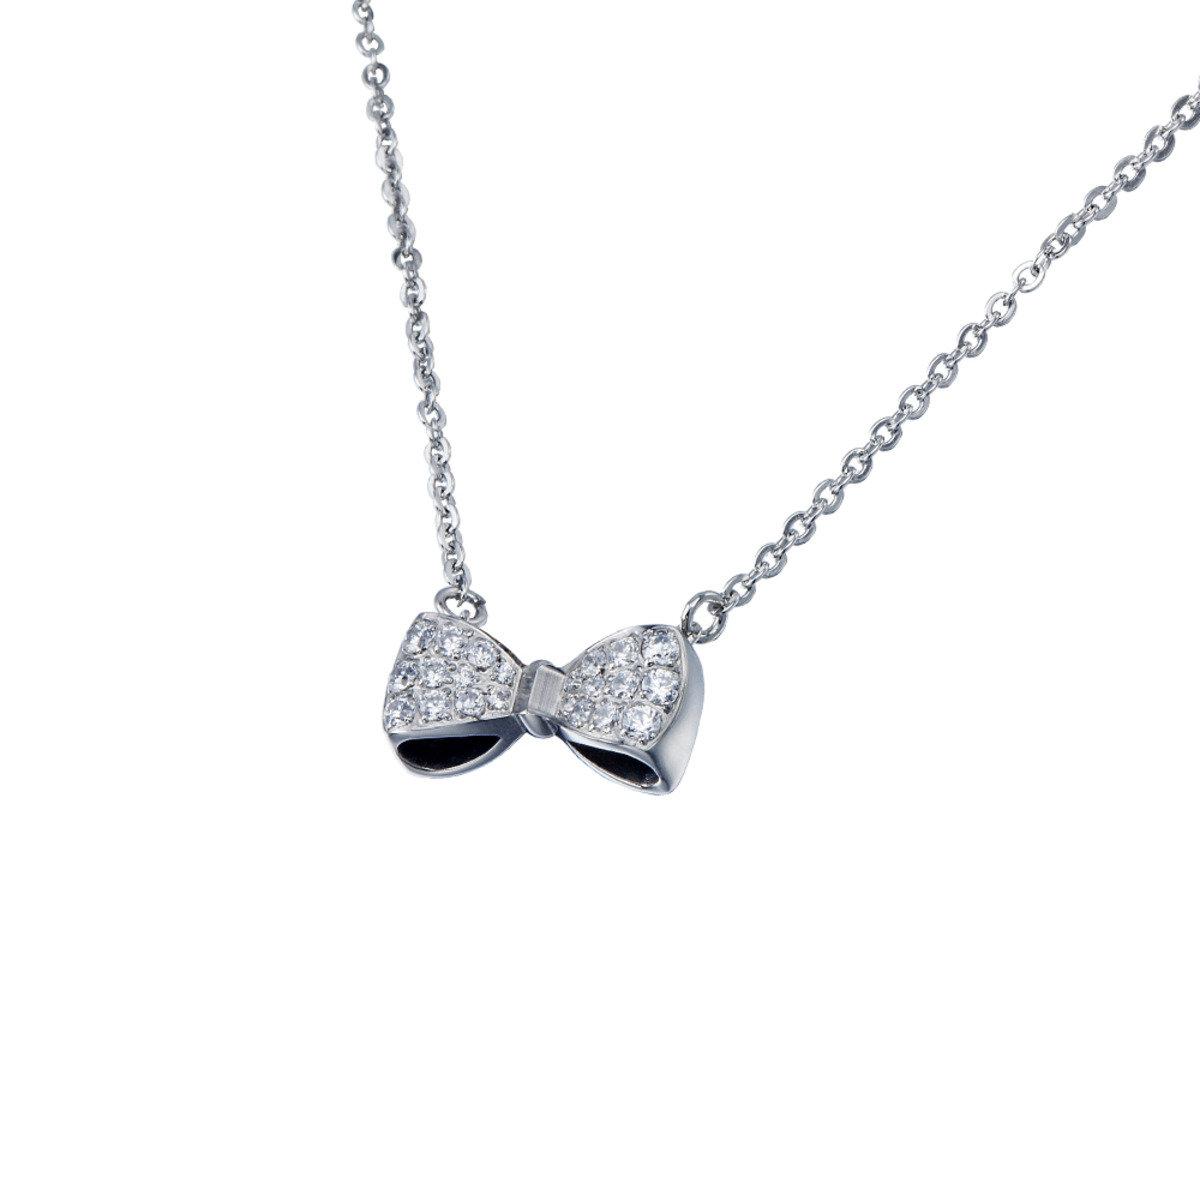 精鋼鑲晶鑽蝴蝶結項鍊